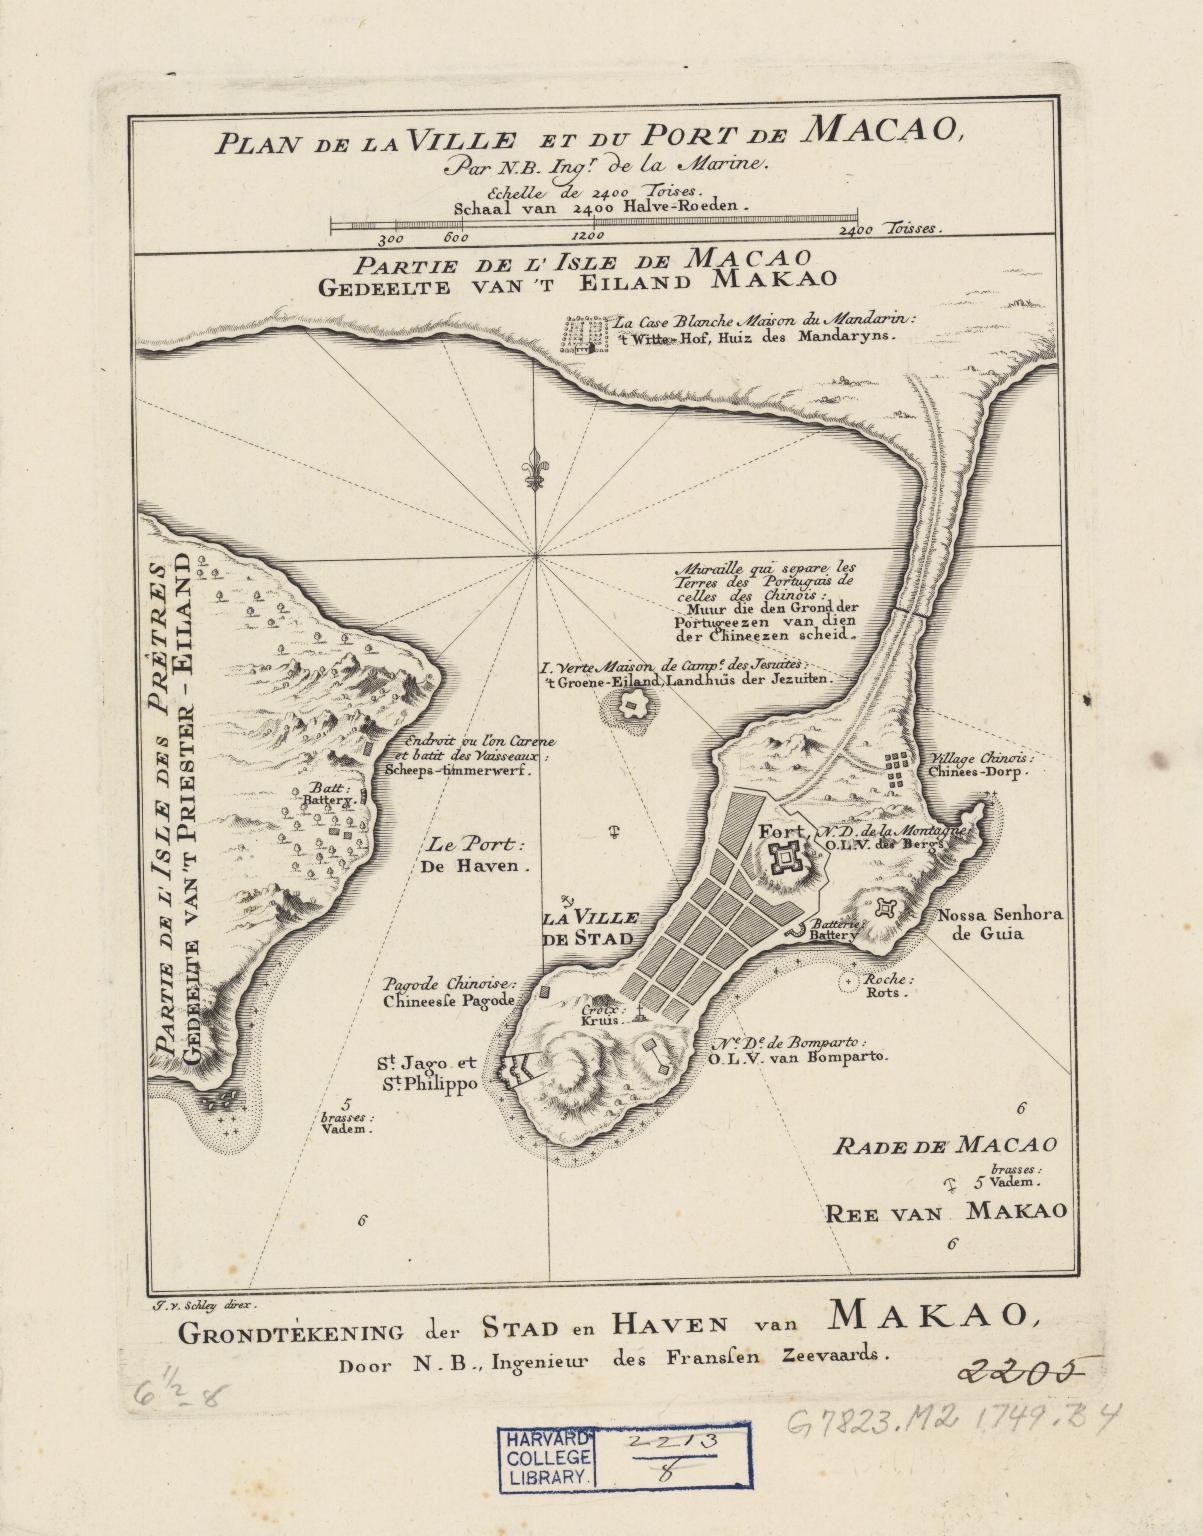 Plan de la ville et du port de Macao = Grondtékening der stad en haven van Makao